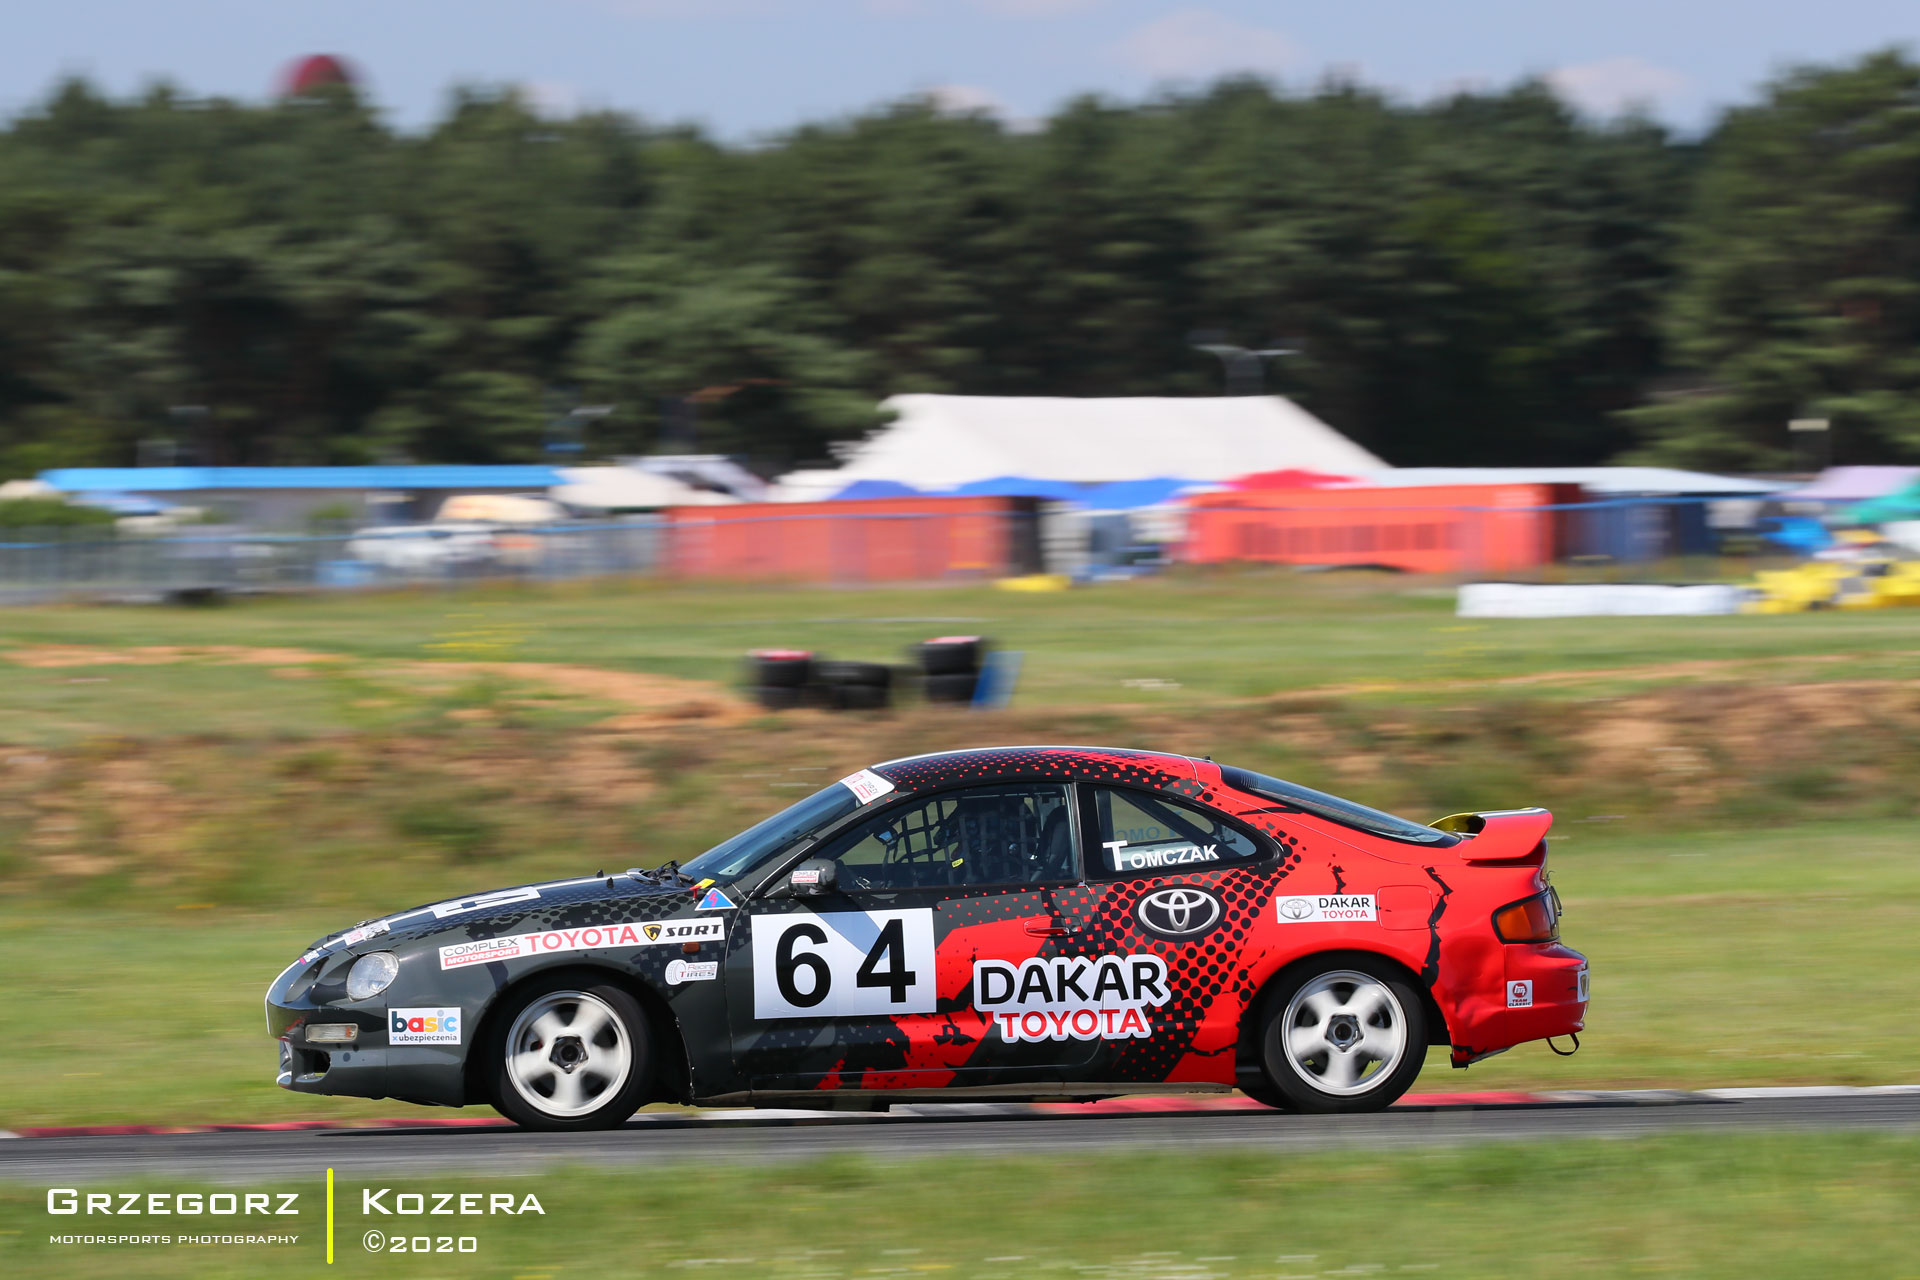 Czwartosza drugi raz w Toyota Racing Cup